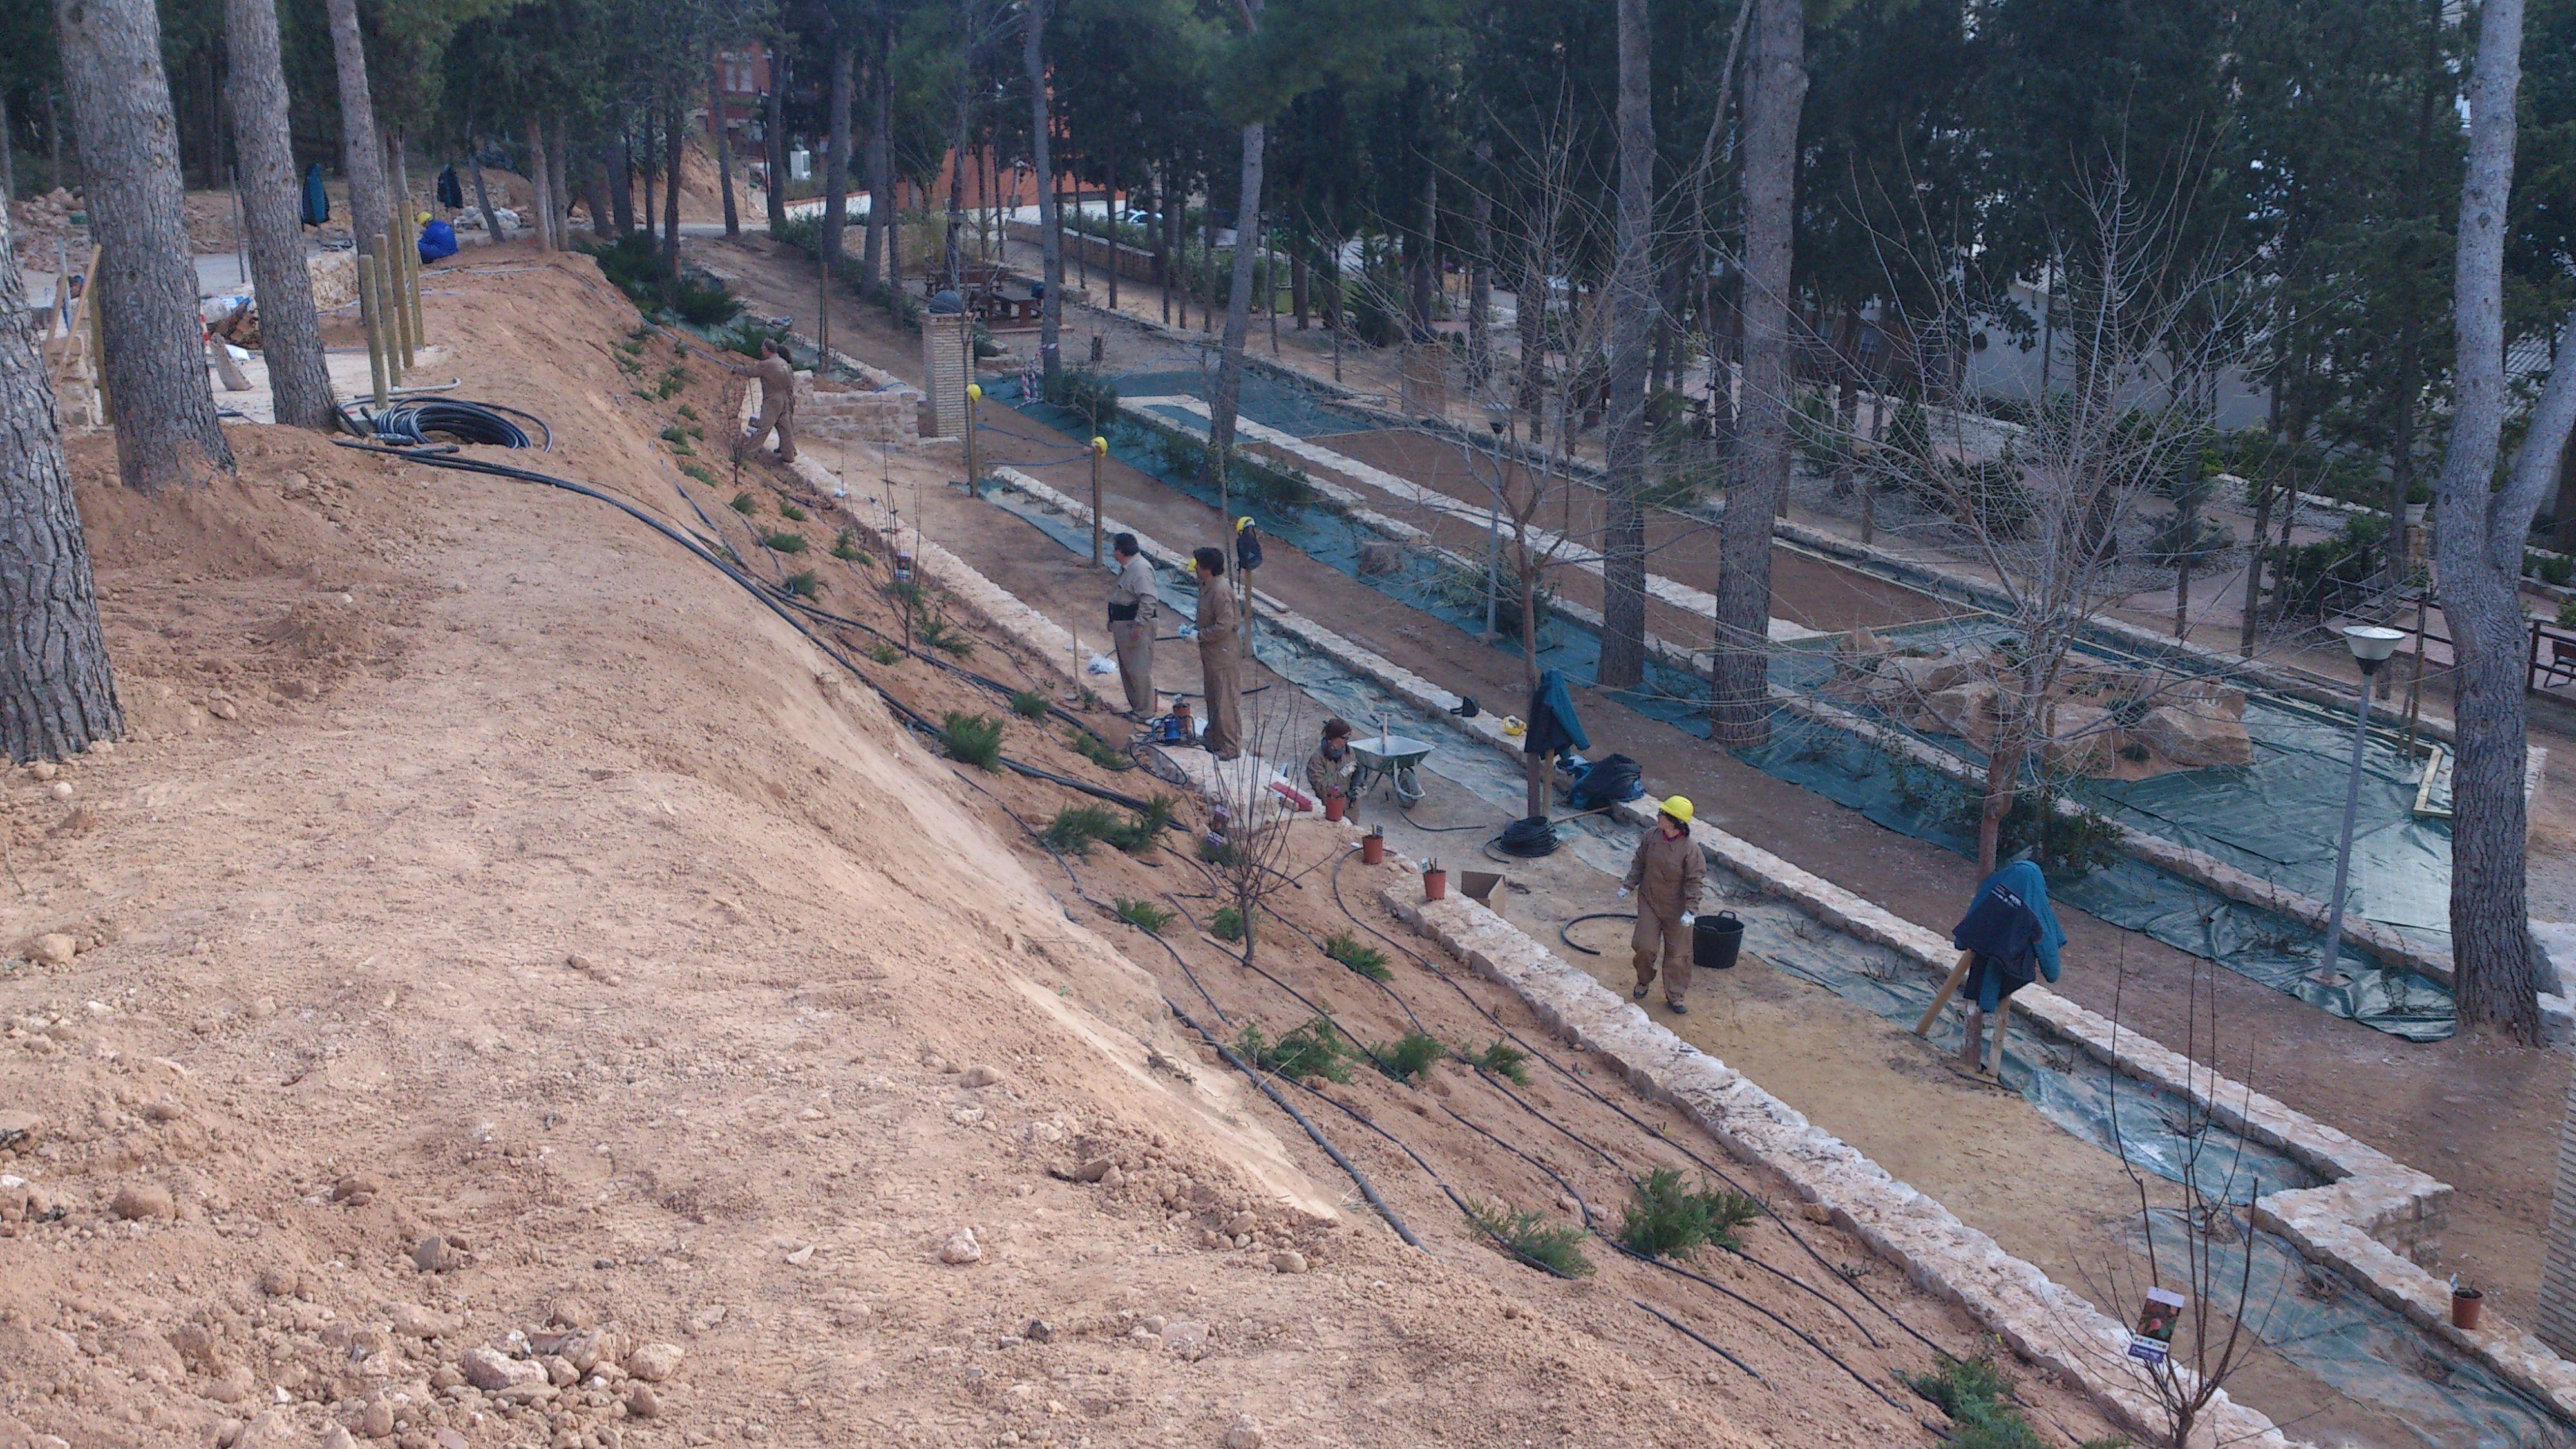 Vista general de creación de muro, instalación de riego y plataforma con vía a rocalla.